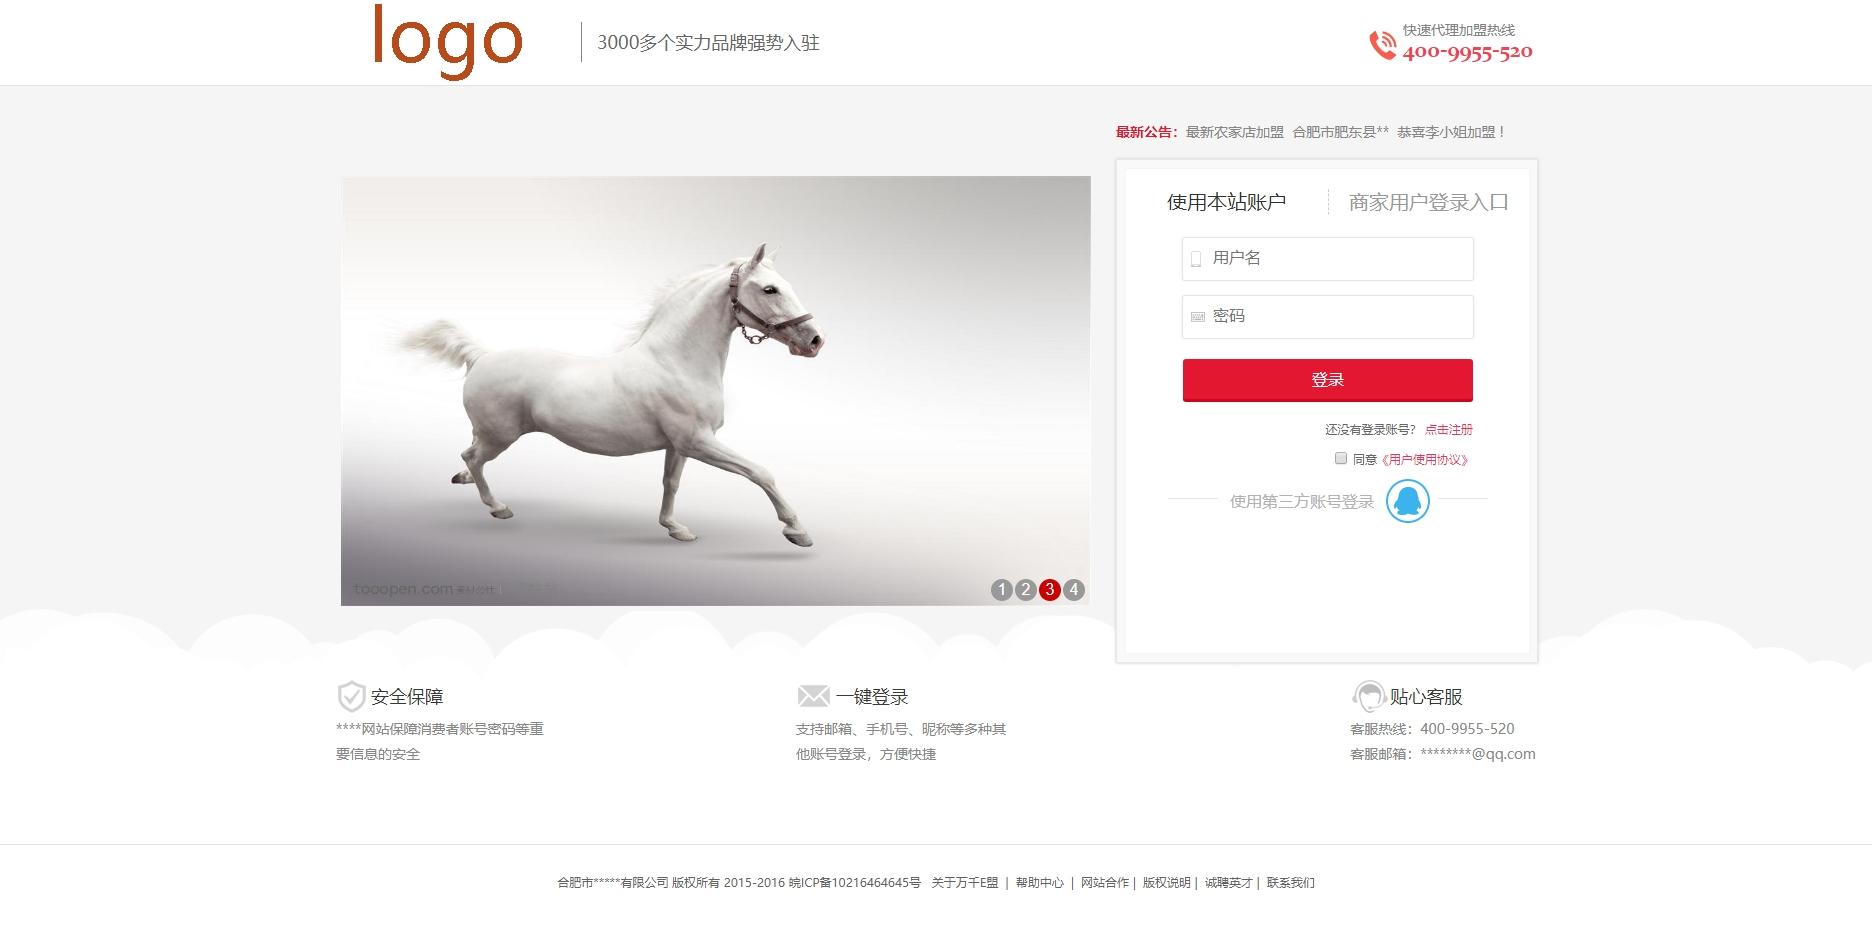 企业商家登录页面模板html源码下载